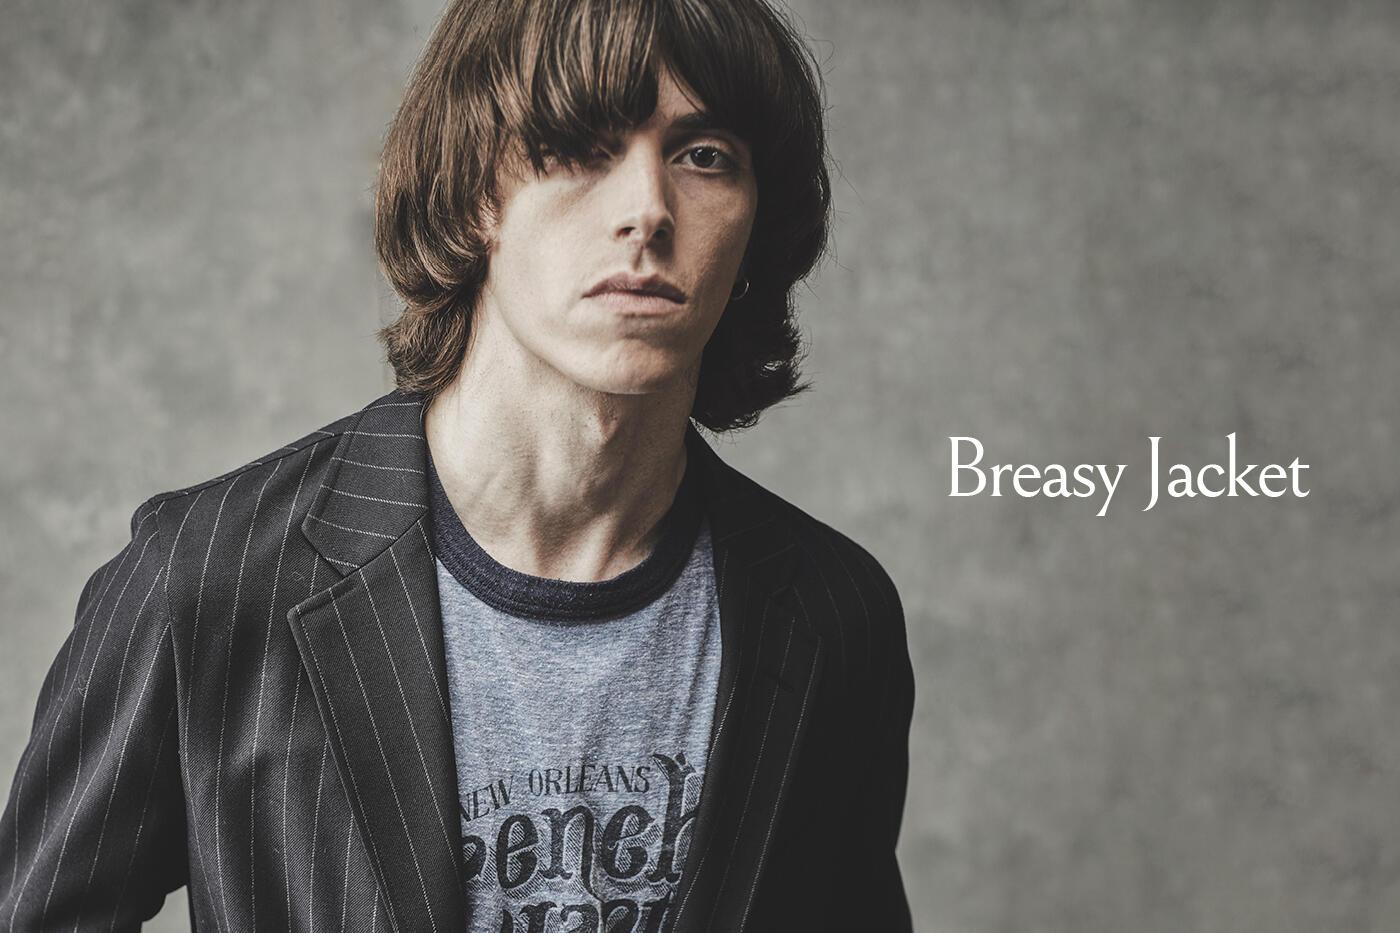 Breasy Jacket